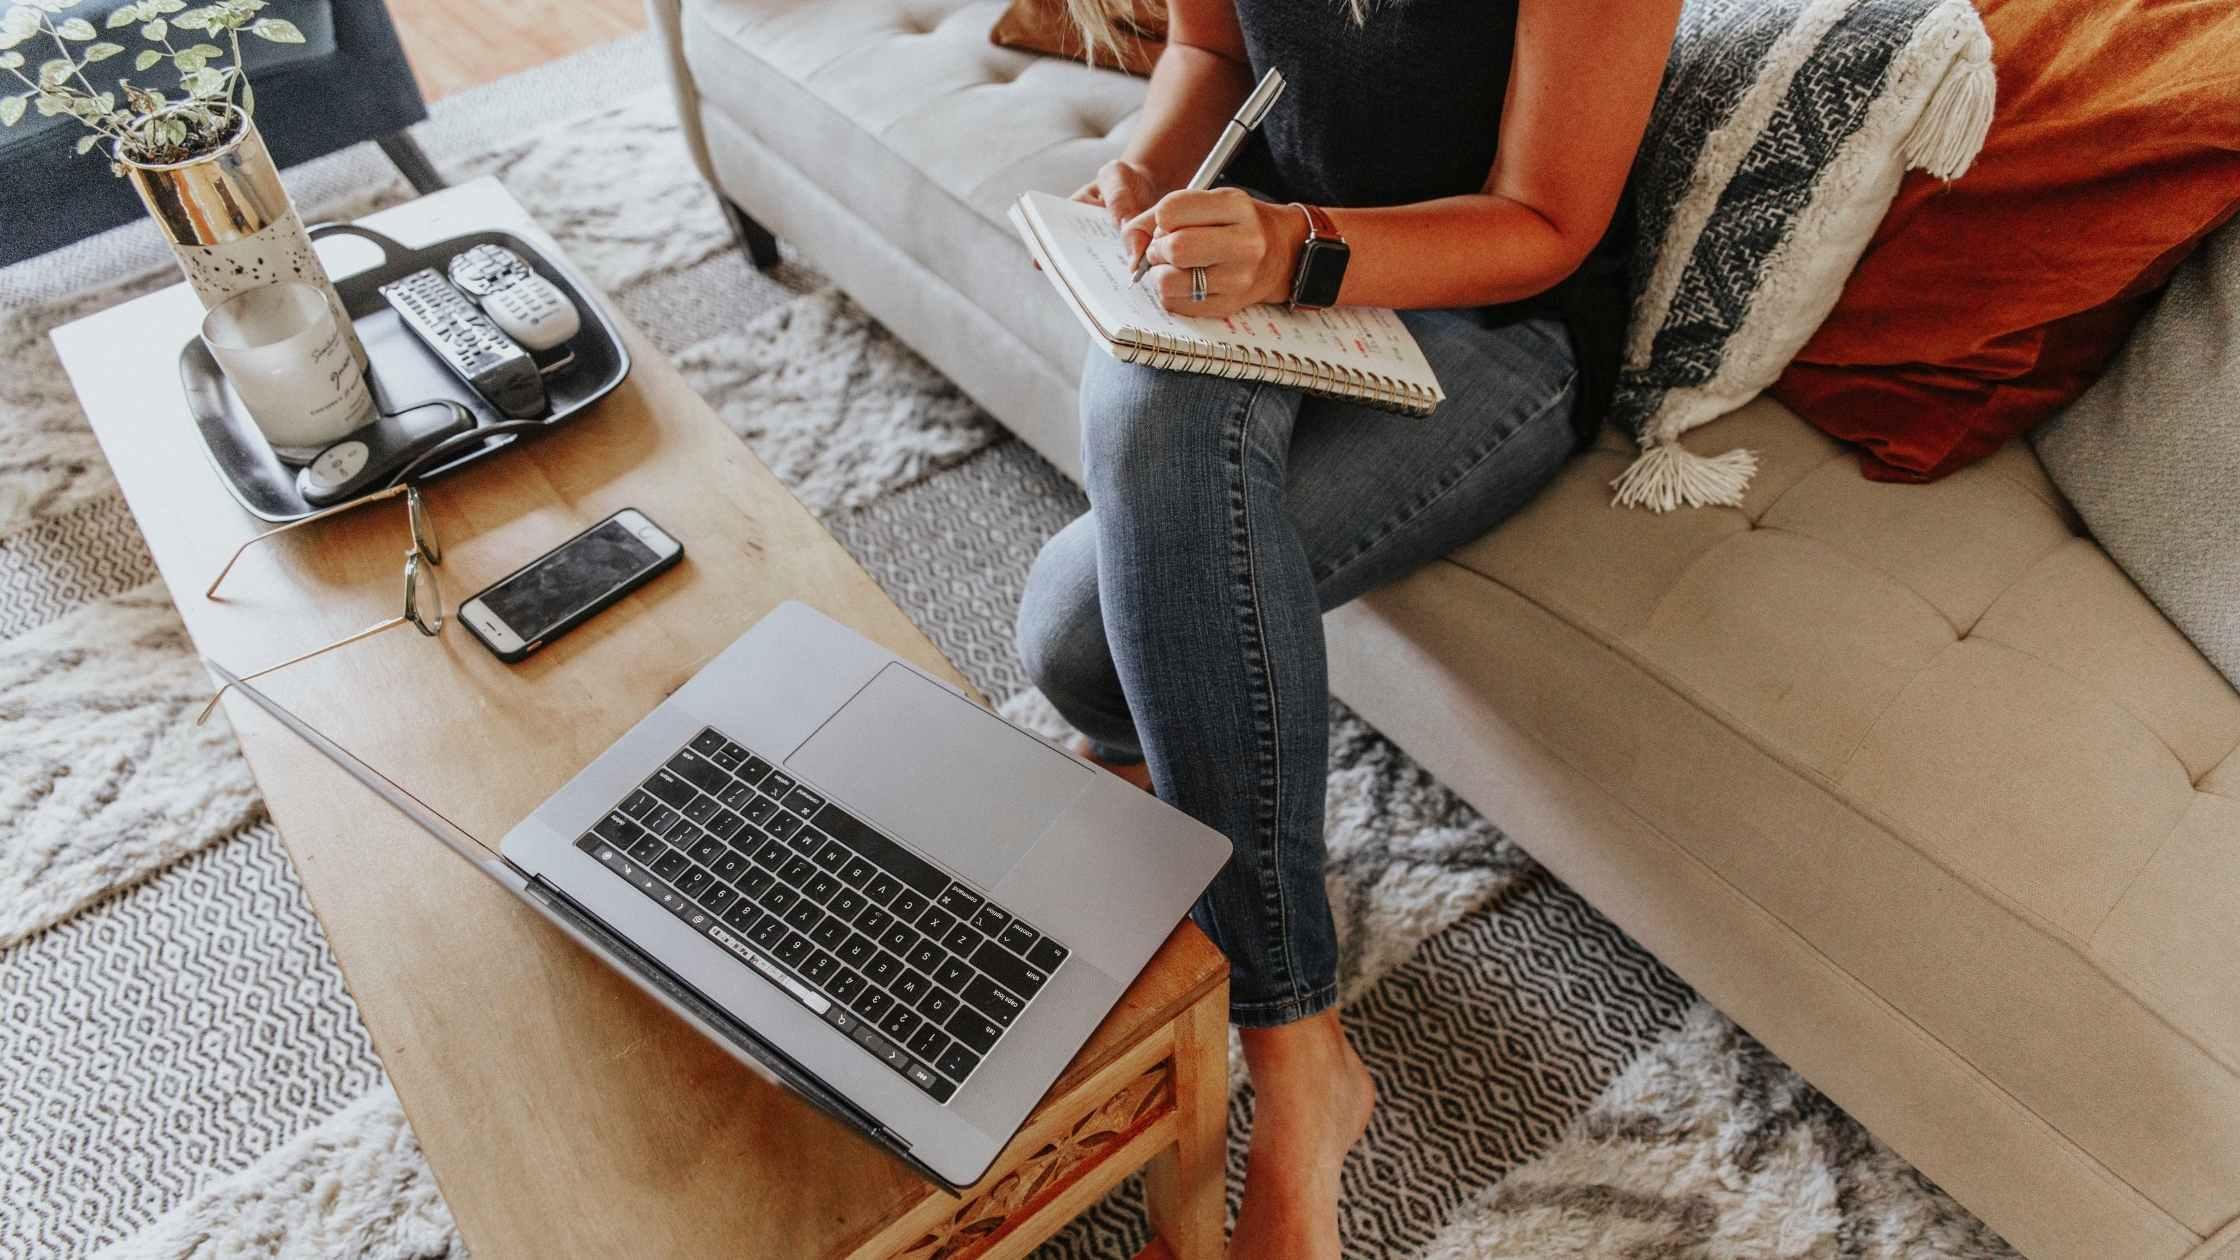 wifi signaal verbeteren thuiswerken 3 financieringsdoelen voor een zakelijke lening of krediet